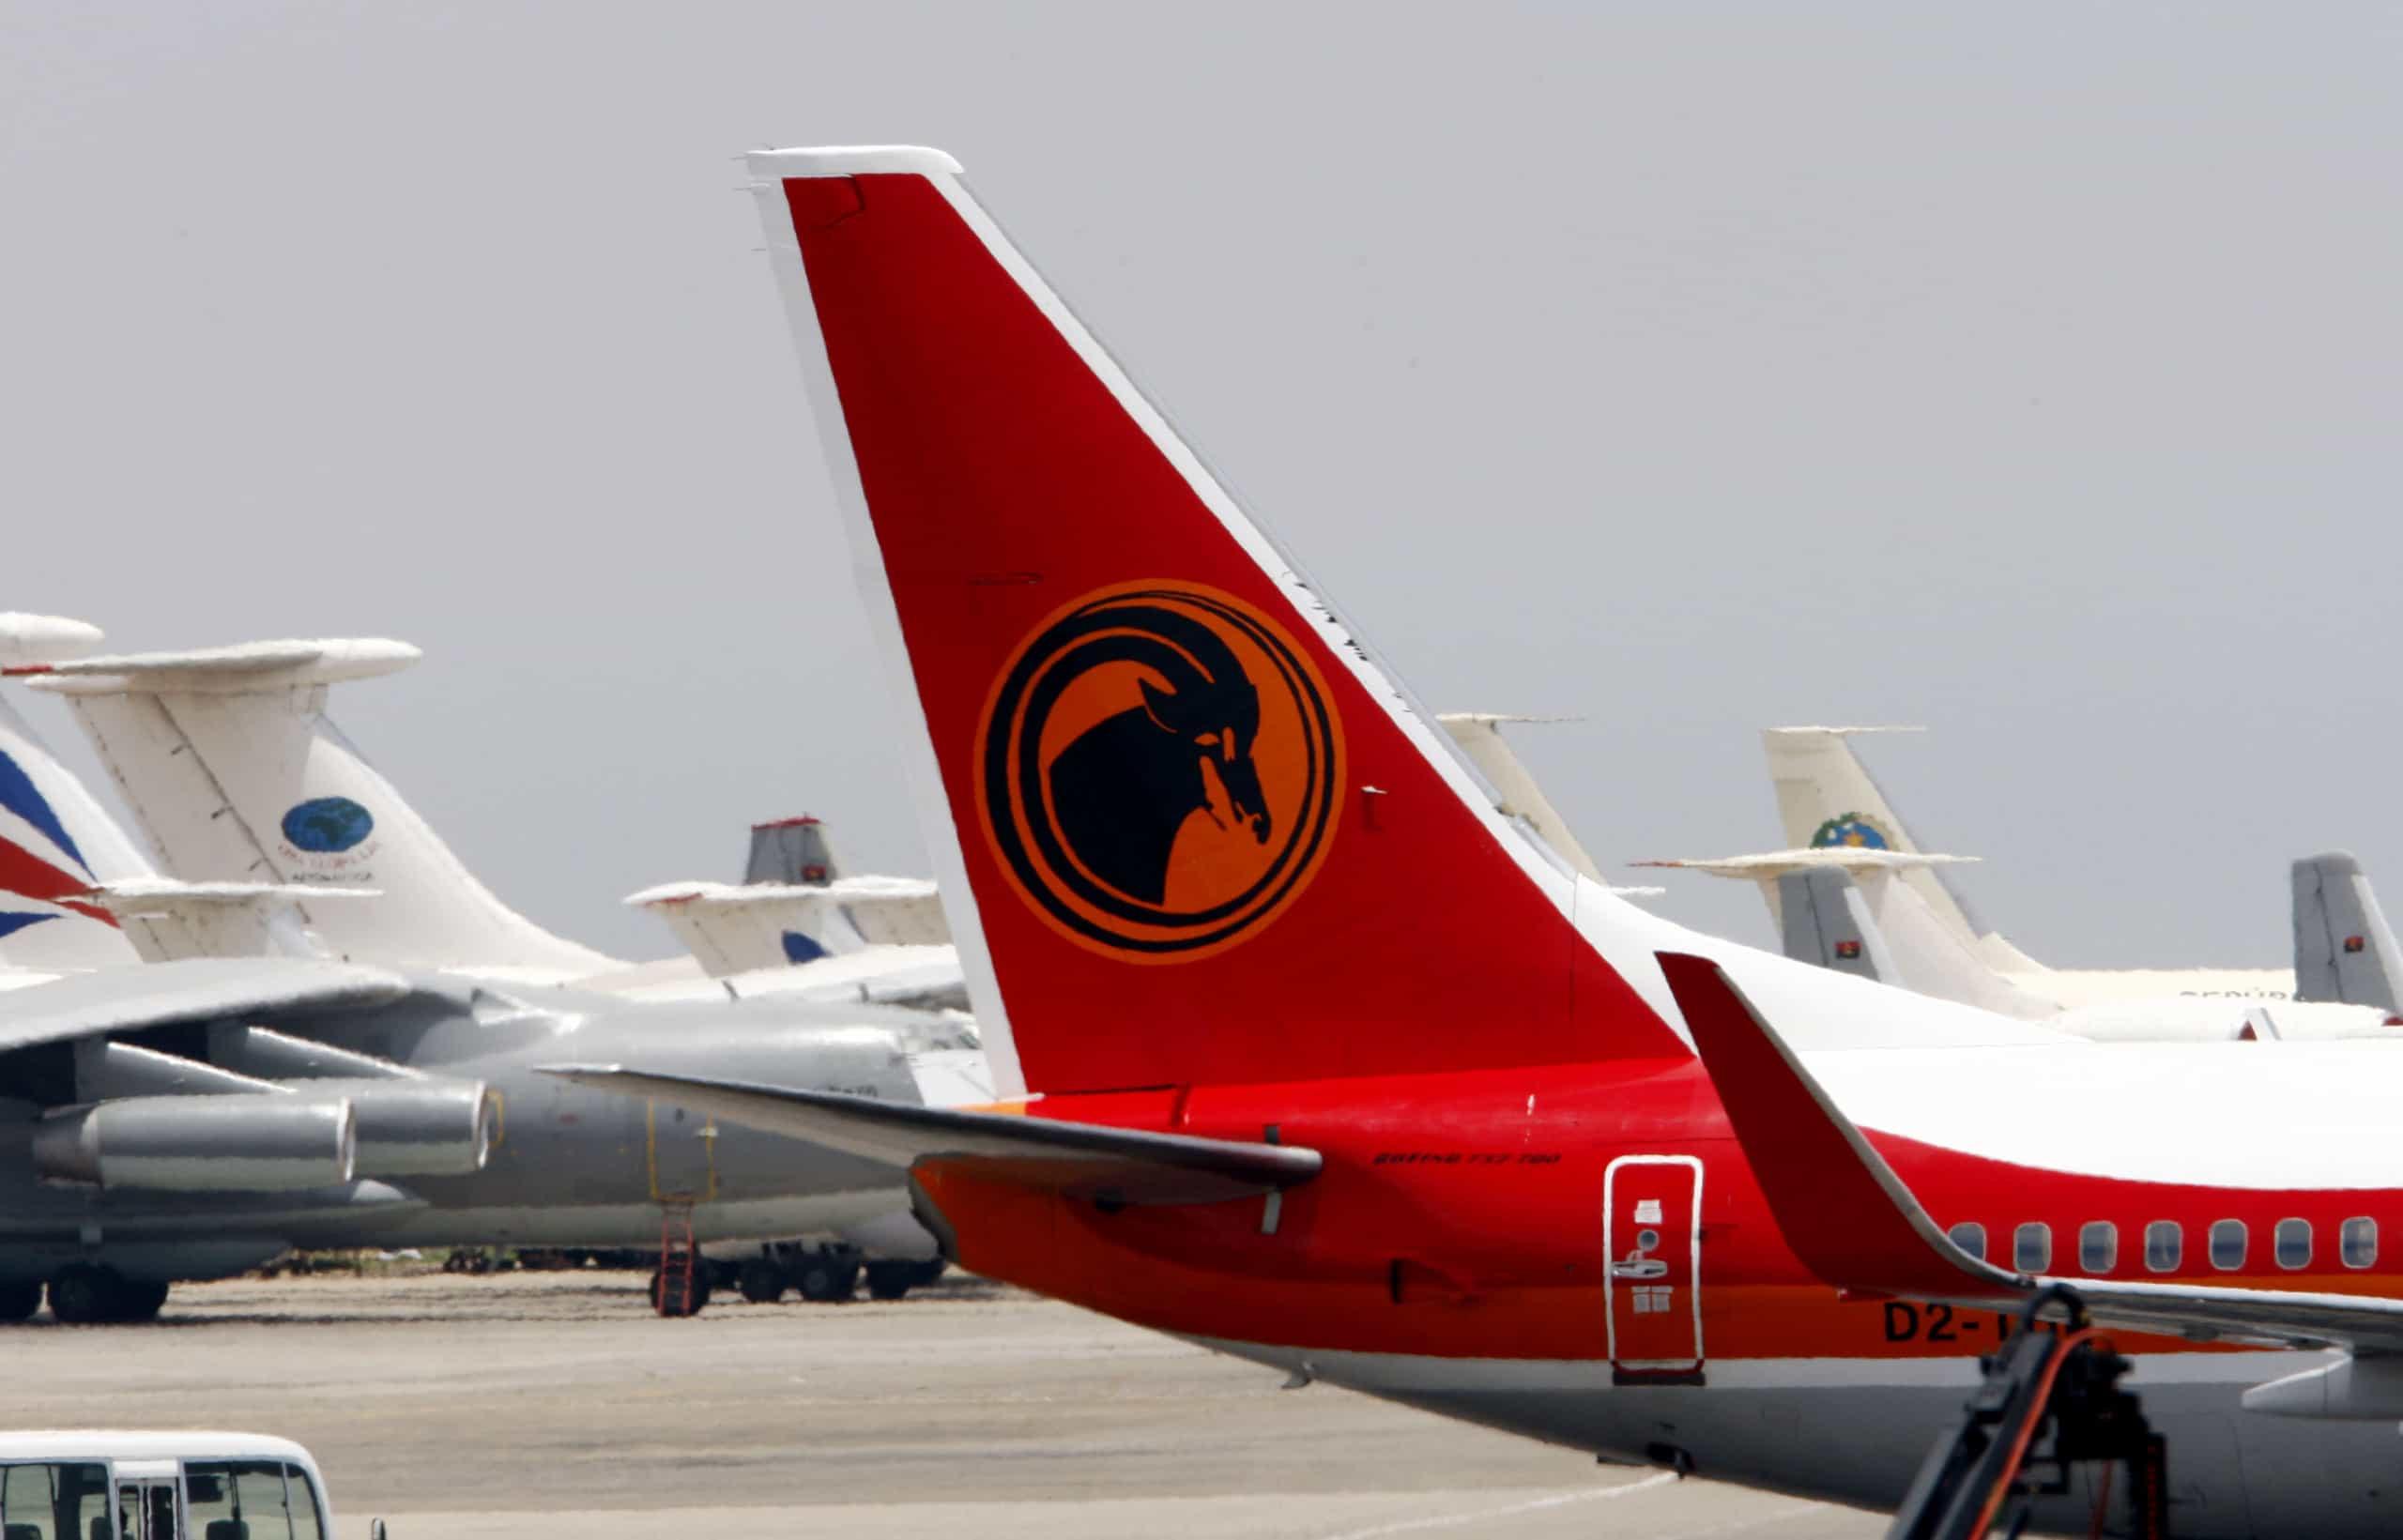 Quatro feridos em incidente com despressurização de avião da TAAG